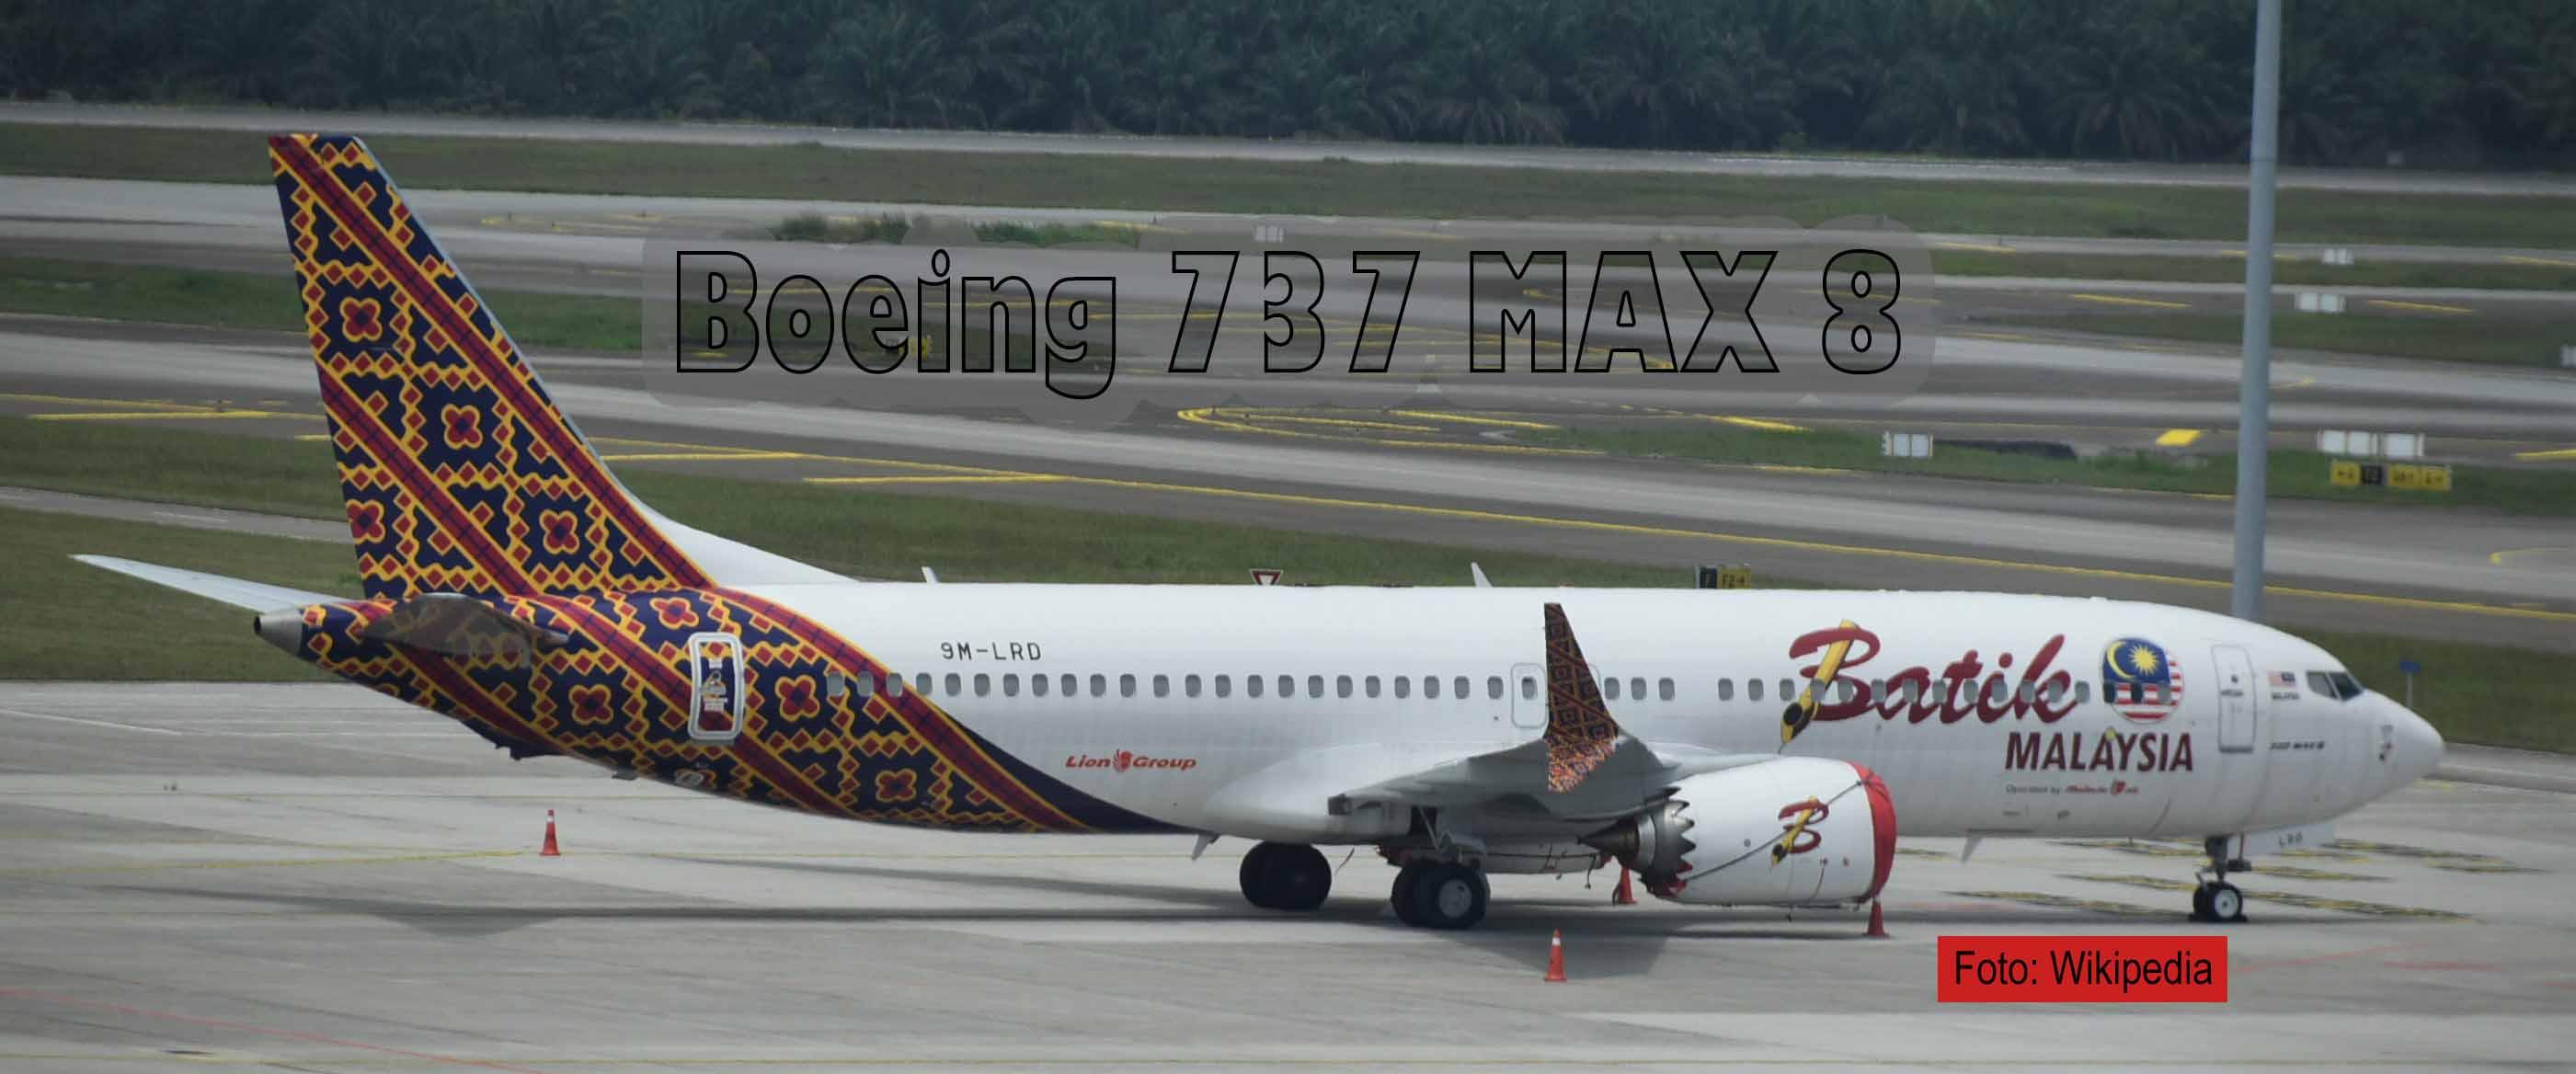 Wieder Boeing 737 MAX 8 abgestürzt-Foto Wikipedia